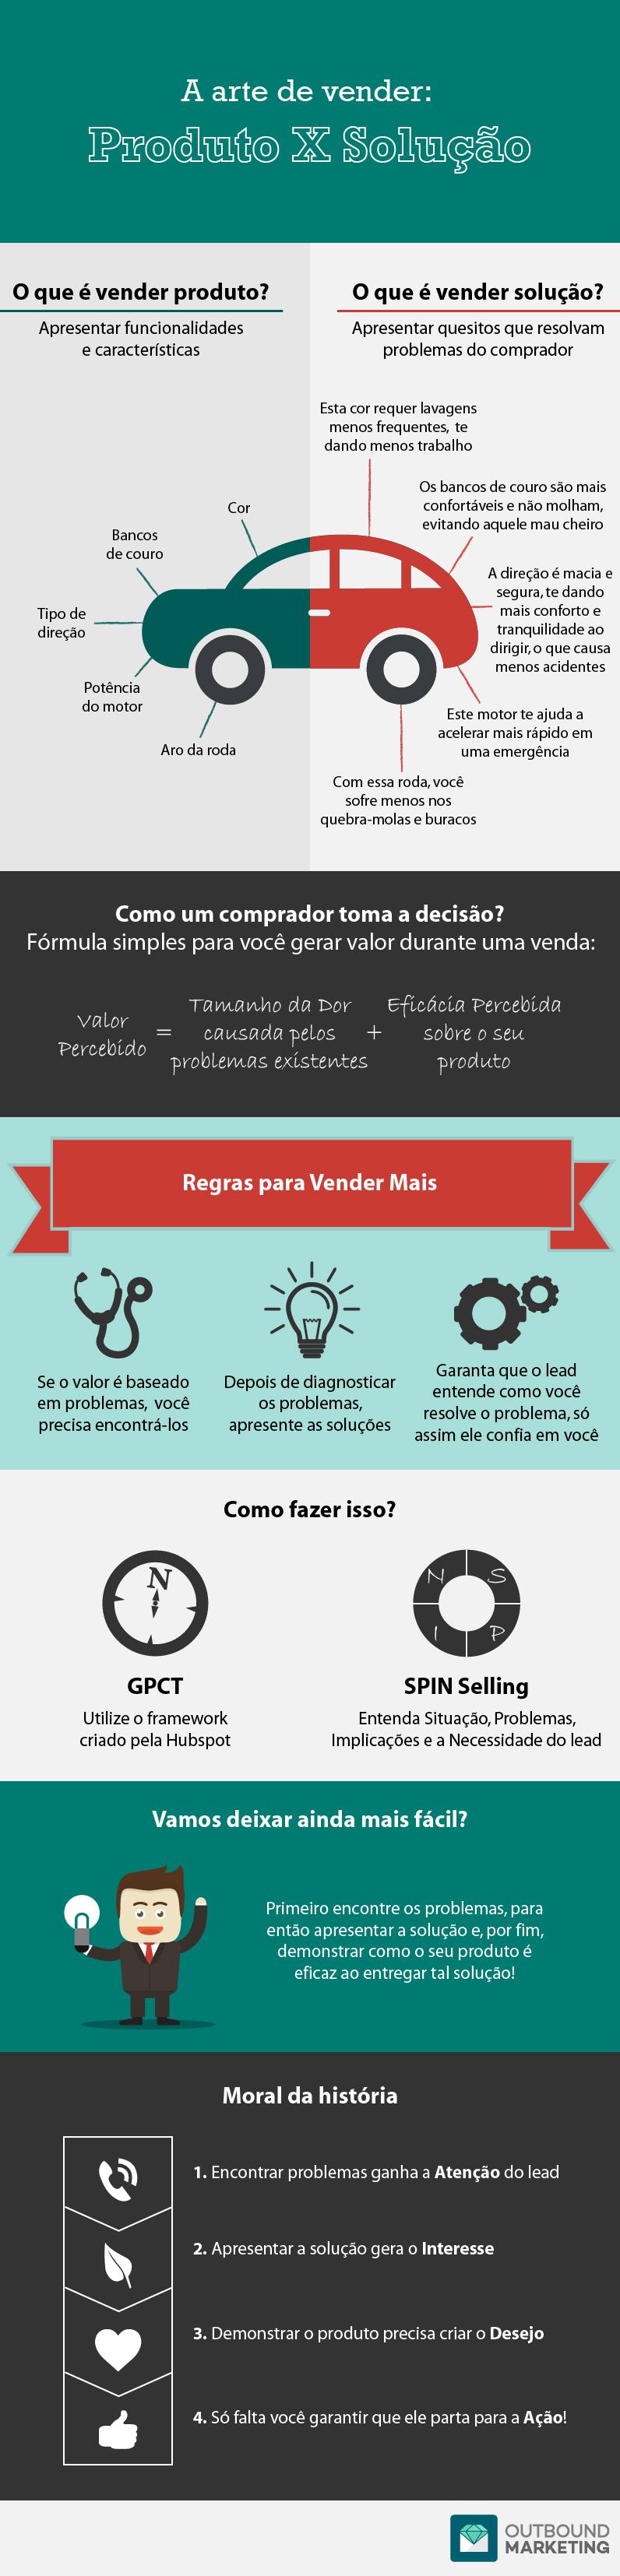 Infográfico A Arte de Vender: Produto X Solução